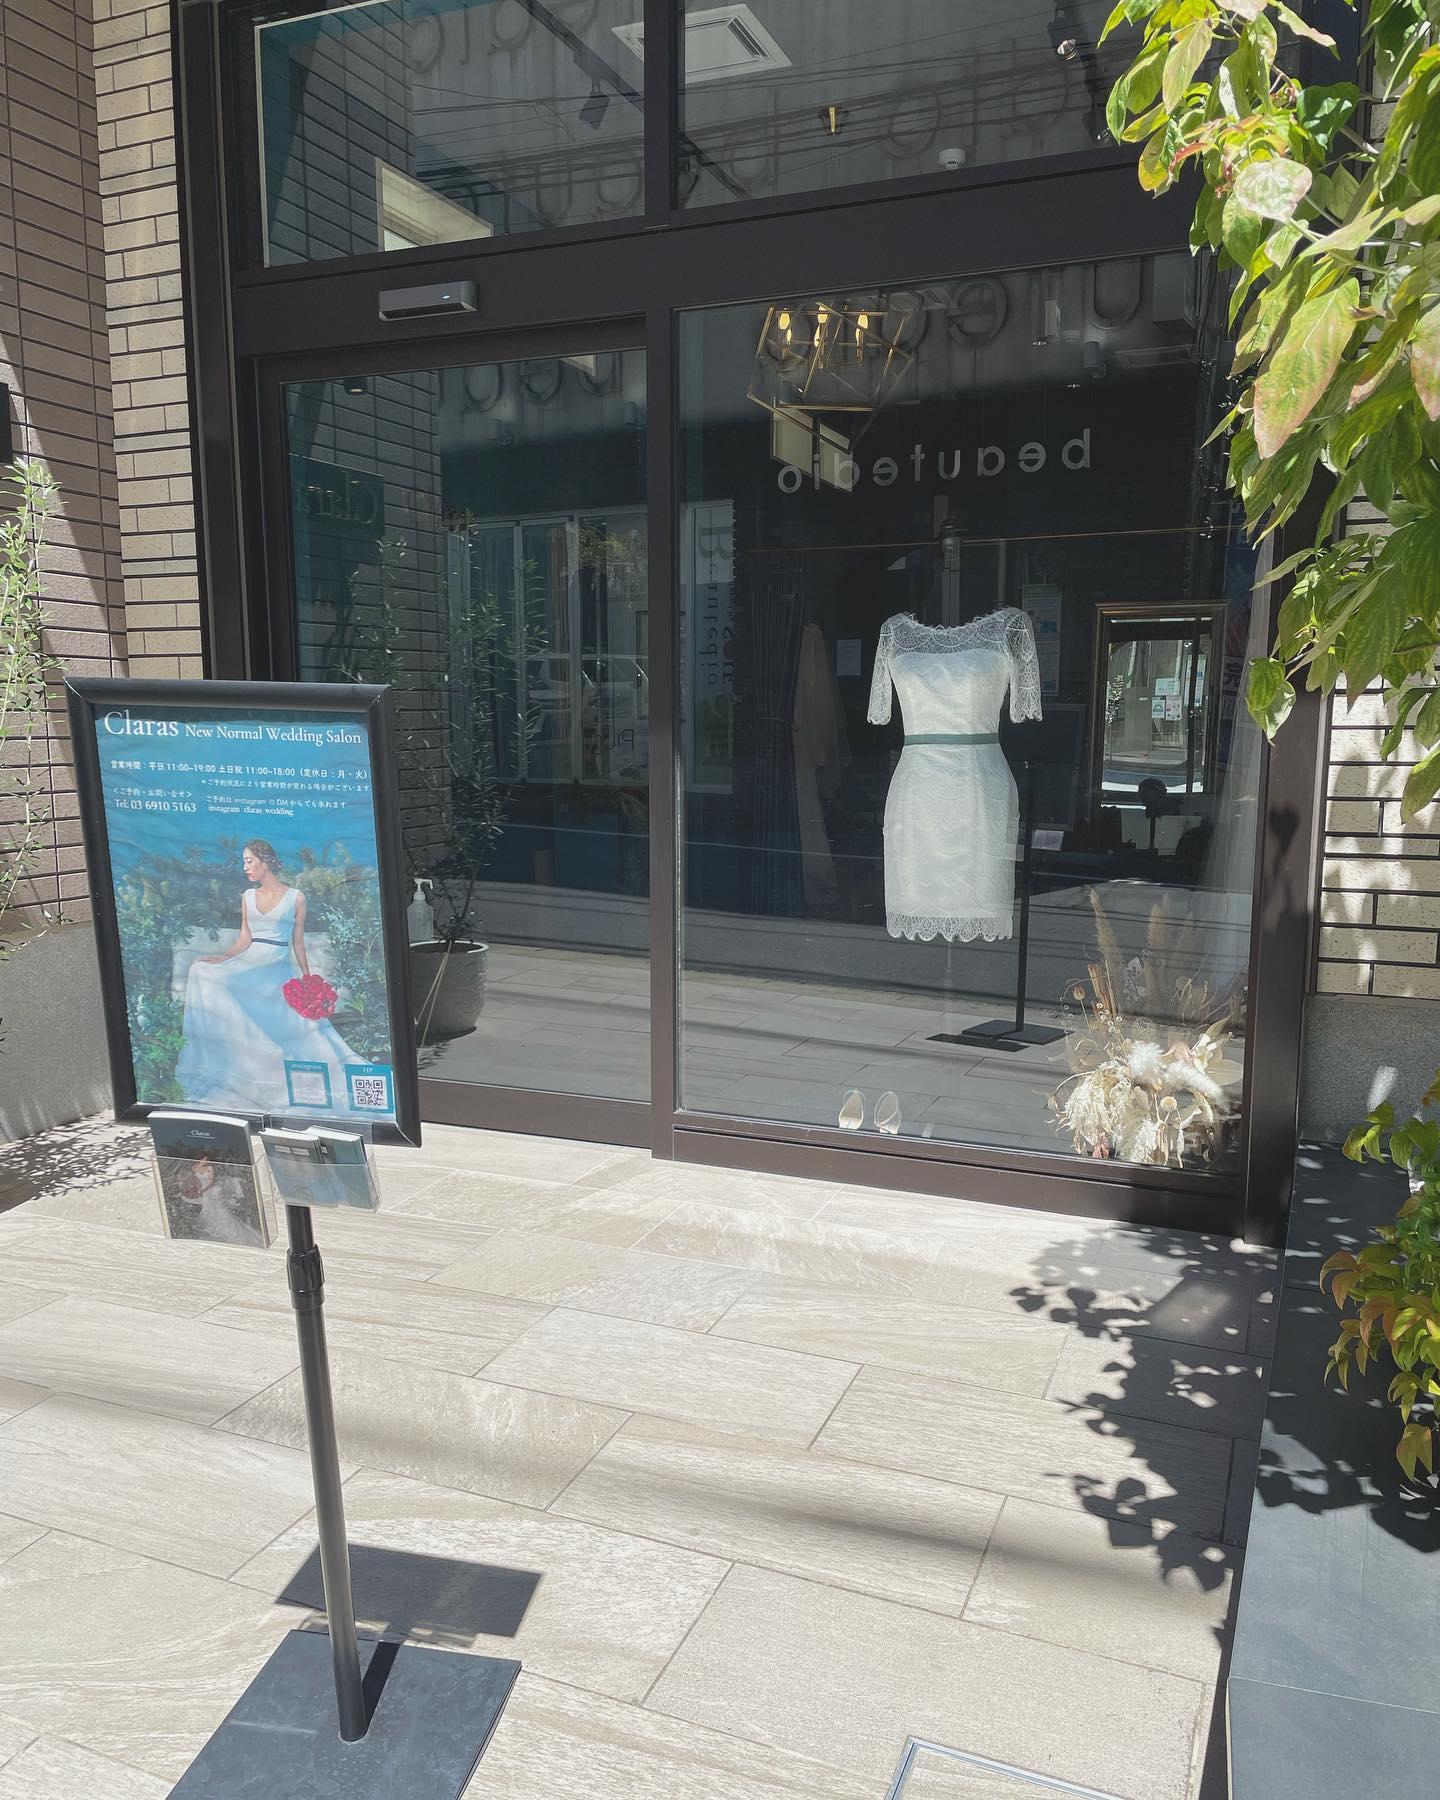 ・🕊Claras ショーウィンドウ🕊・最近人気のミニdress🤍フォトウエディングでスニーカーやお洒落なパンプスと合わせて一味違うスタイリングをしたい方にもオススメ・オーバースカートをレイヤードすると2wayドレスにも・今の時代だからこそ自分だけのスタイリングを楽しんで・購入価格FATALE ¥140,000・#wedding #weddingdress #claras #paris #vowrenewal #aoyama #spur #spurwedding #ウェディングドレス #プレ花嫁 #ドレス試着 #2021夏婚 #2021冬婚 #ヘアメイク #結婚式  #ドレス選び #前撮り #後撮り #フォトウェディング #ウェディングヘア  #フォト婚 #前撮り写真 #ブライダルフォト #カップルフォト #ウェディングドレス探し #ウェディングドレス試着 #レンタルドレス #ドレスショップ#ドレス迷子 #ミニドレス